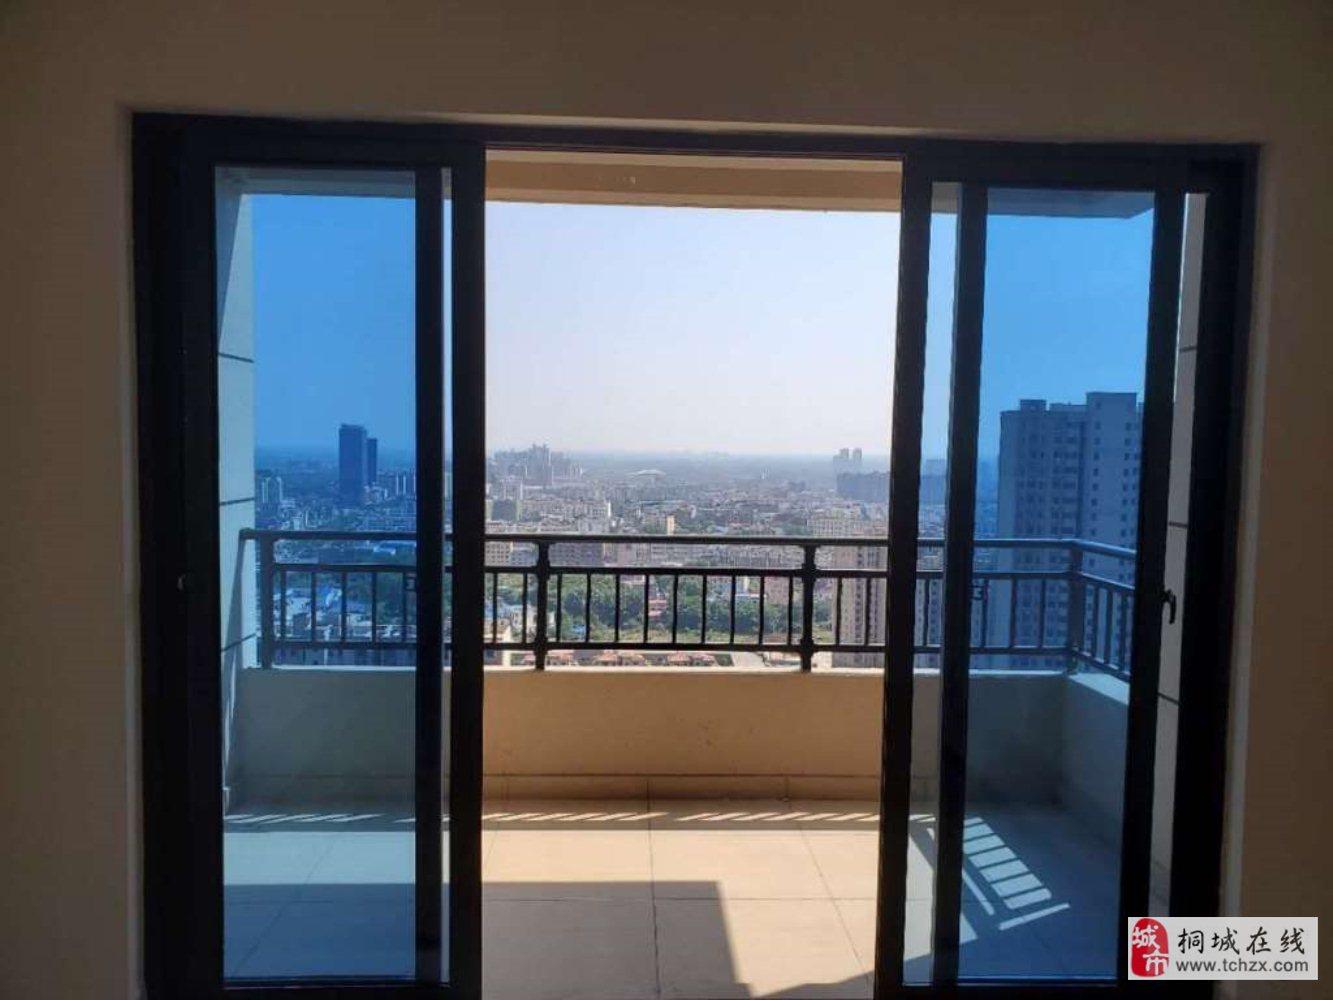 桐城碧桂园3室2厅1卫黄金楼层75万元